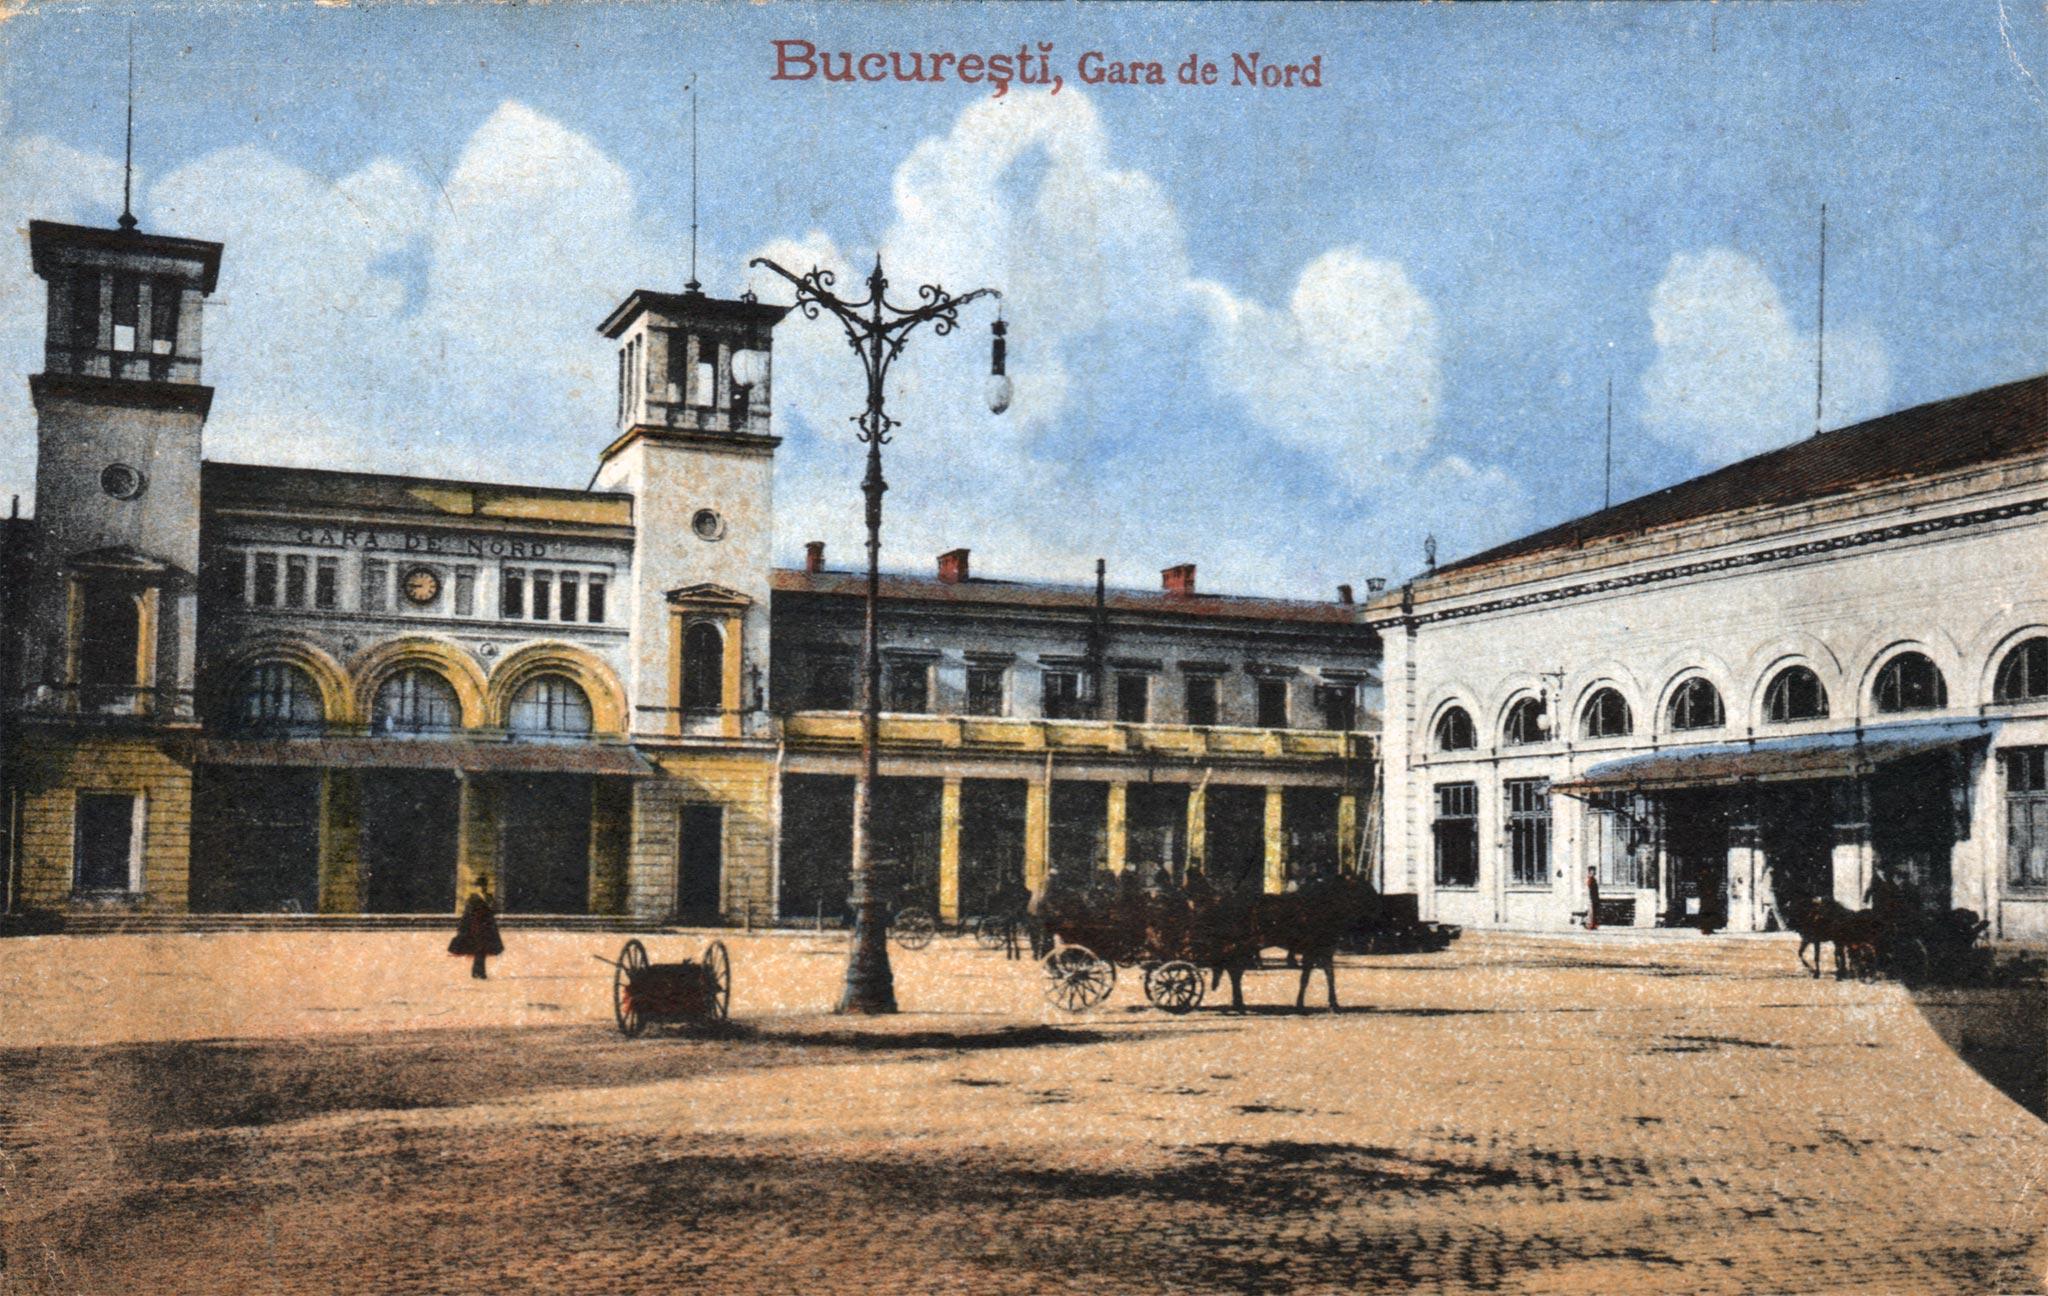 Imagini pentru București Gara de nord 1930